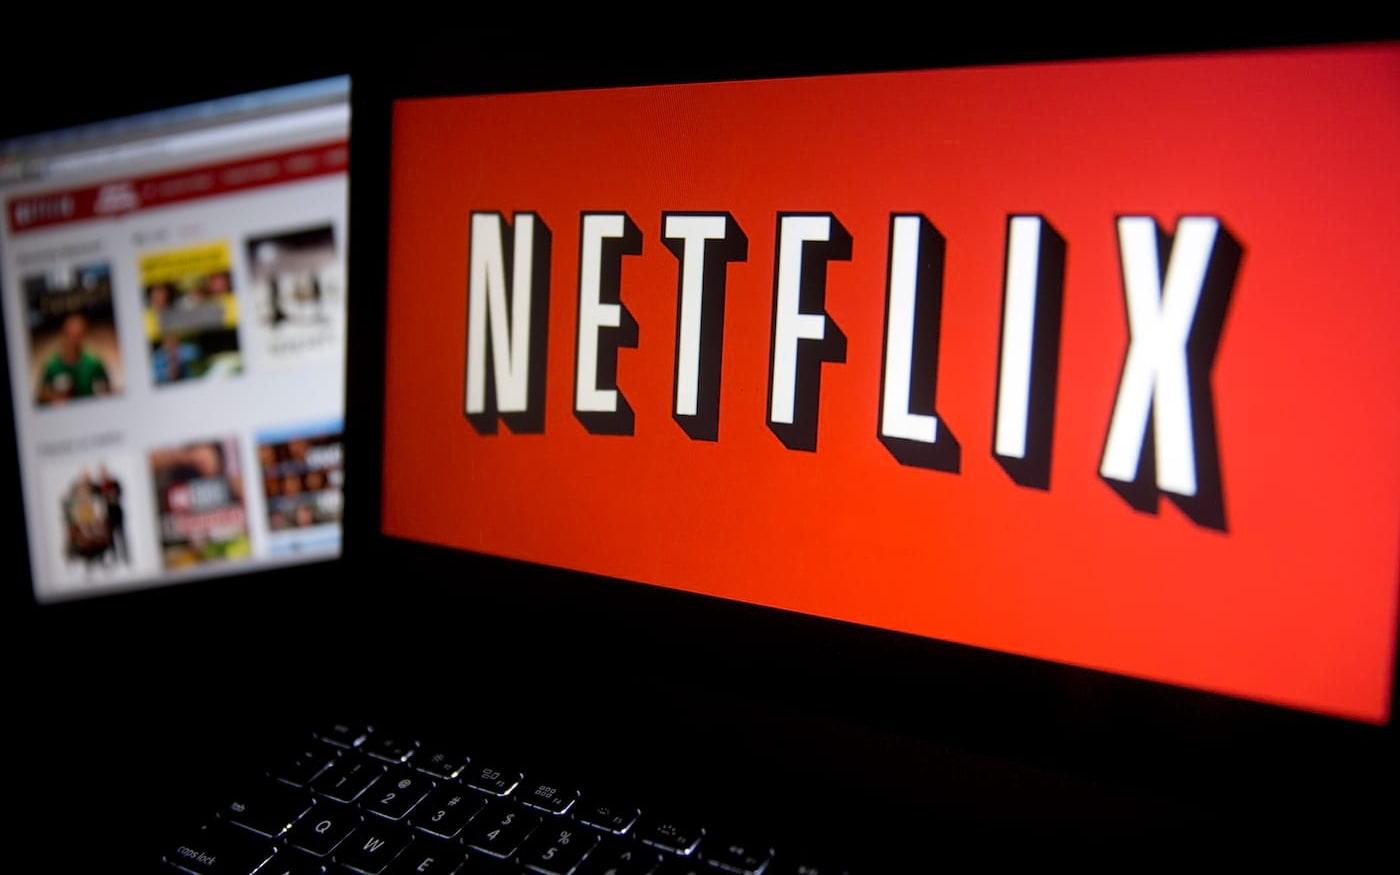 Netflix aumenta preço das assinaturas no Reino Unido